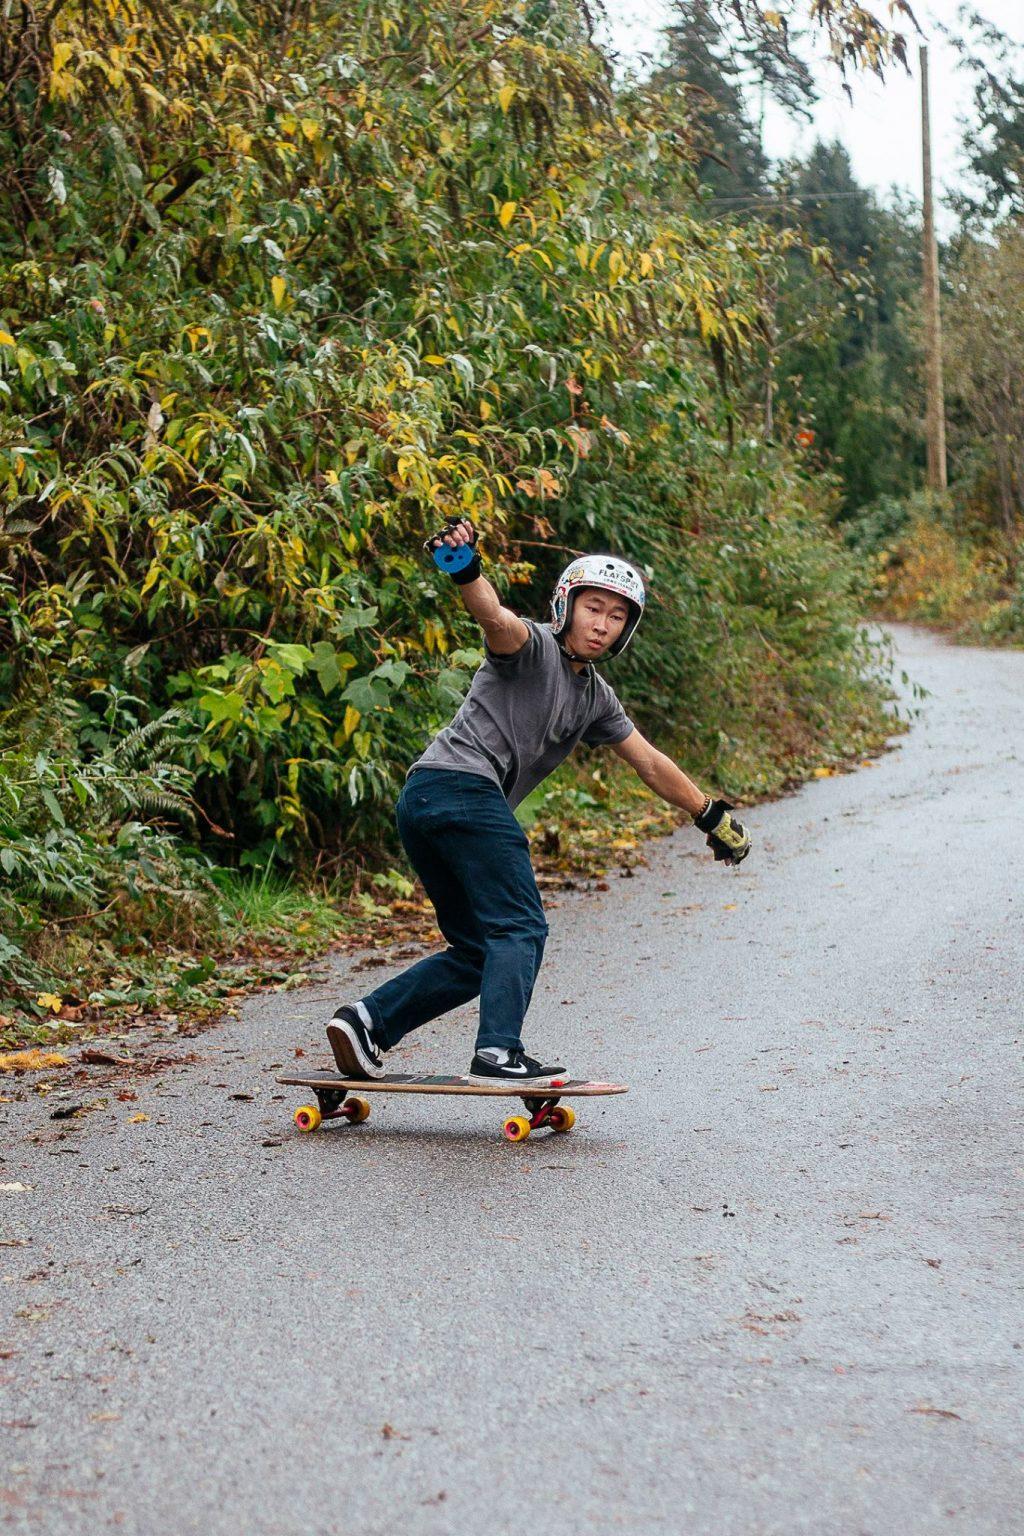 19-sam-galus-flatspot-longboards-valhalla-skateboards-higway-jam-highwayjamx-sho-ouellette-sho-stopper-longboarding